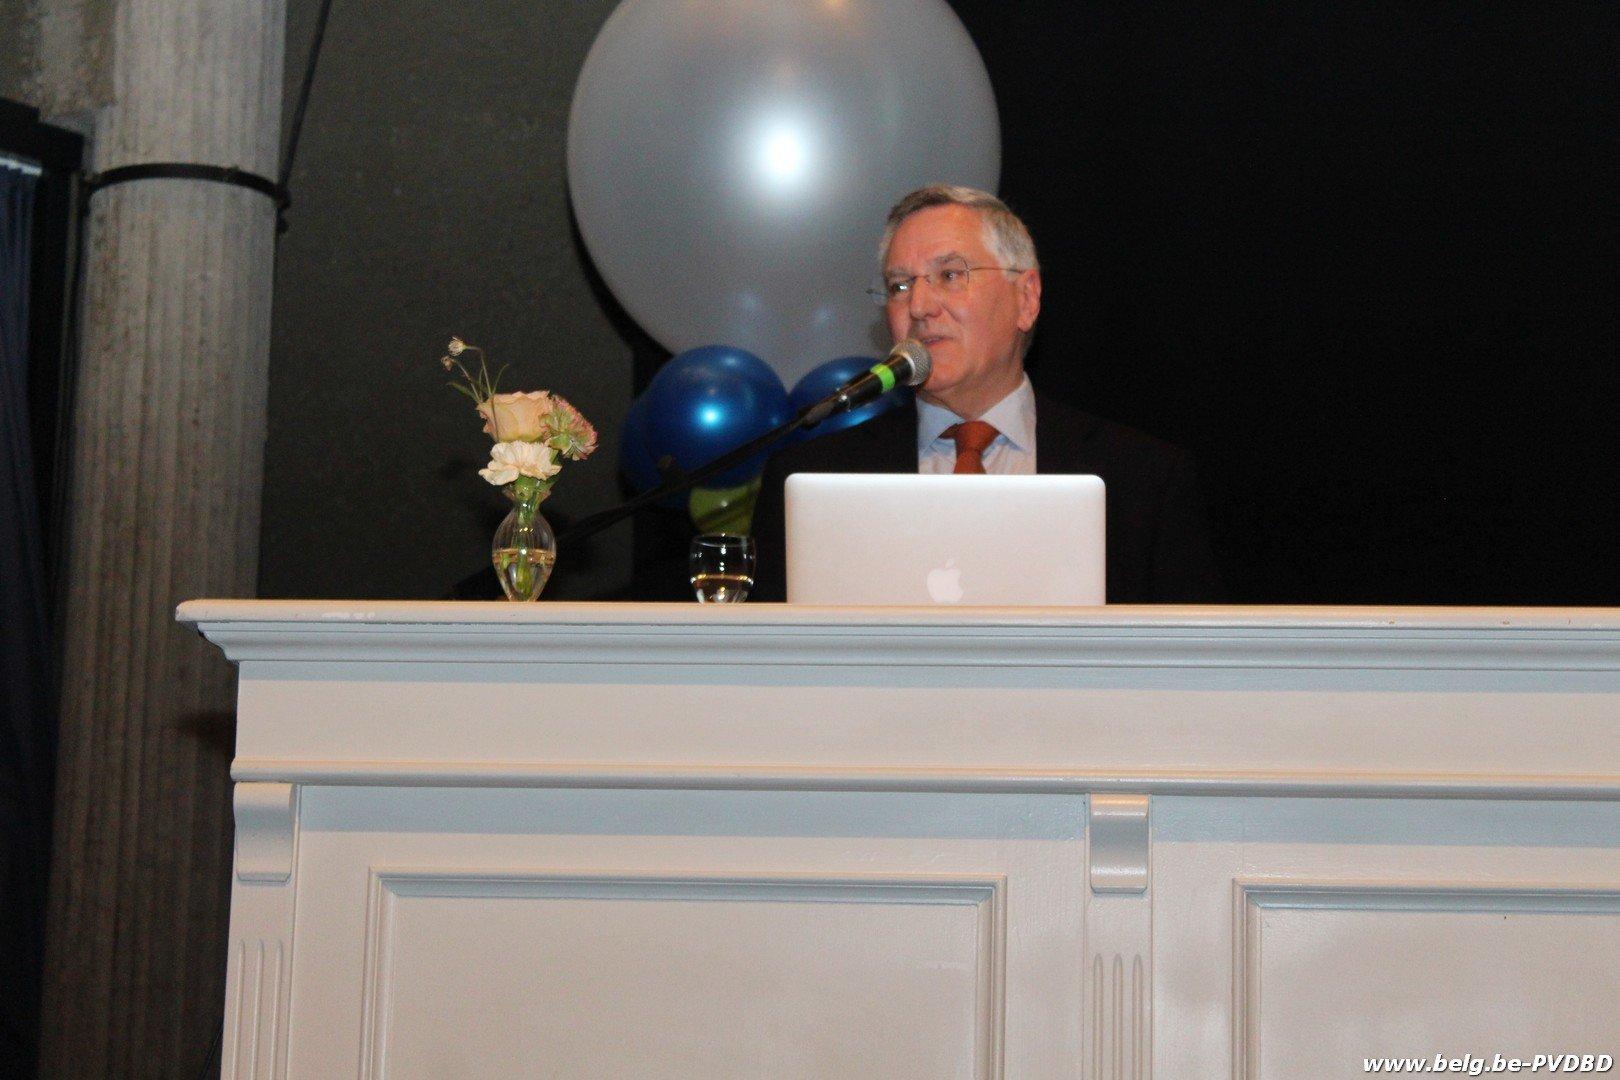 Politiek debat als nieuwjaarsreceptie DUO - IMG 6005